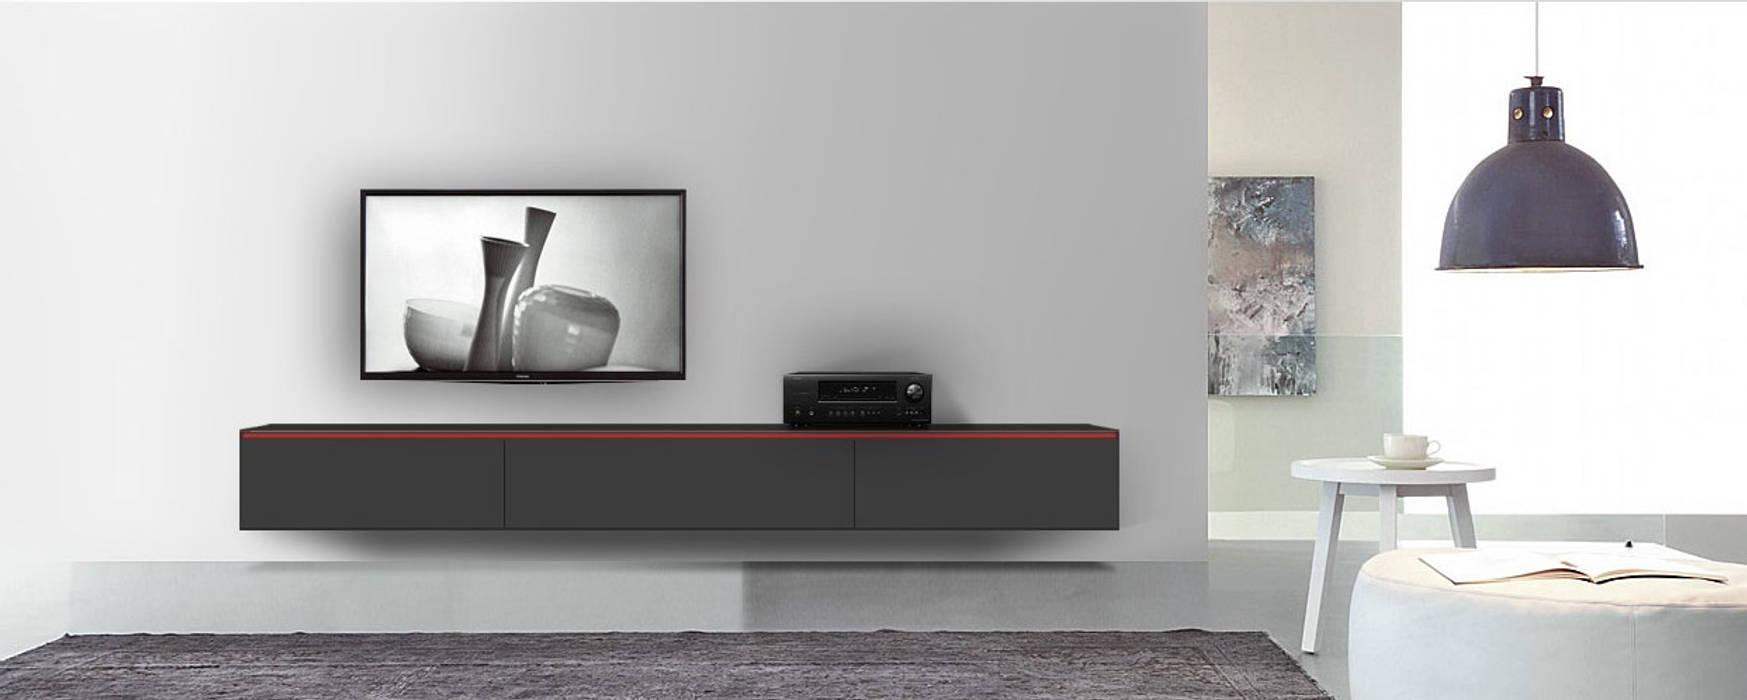 Moderne Wohnzimmer Bilder: Reverse TV Lowboard Konfigurator 3m ...